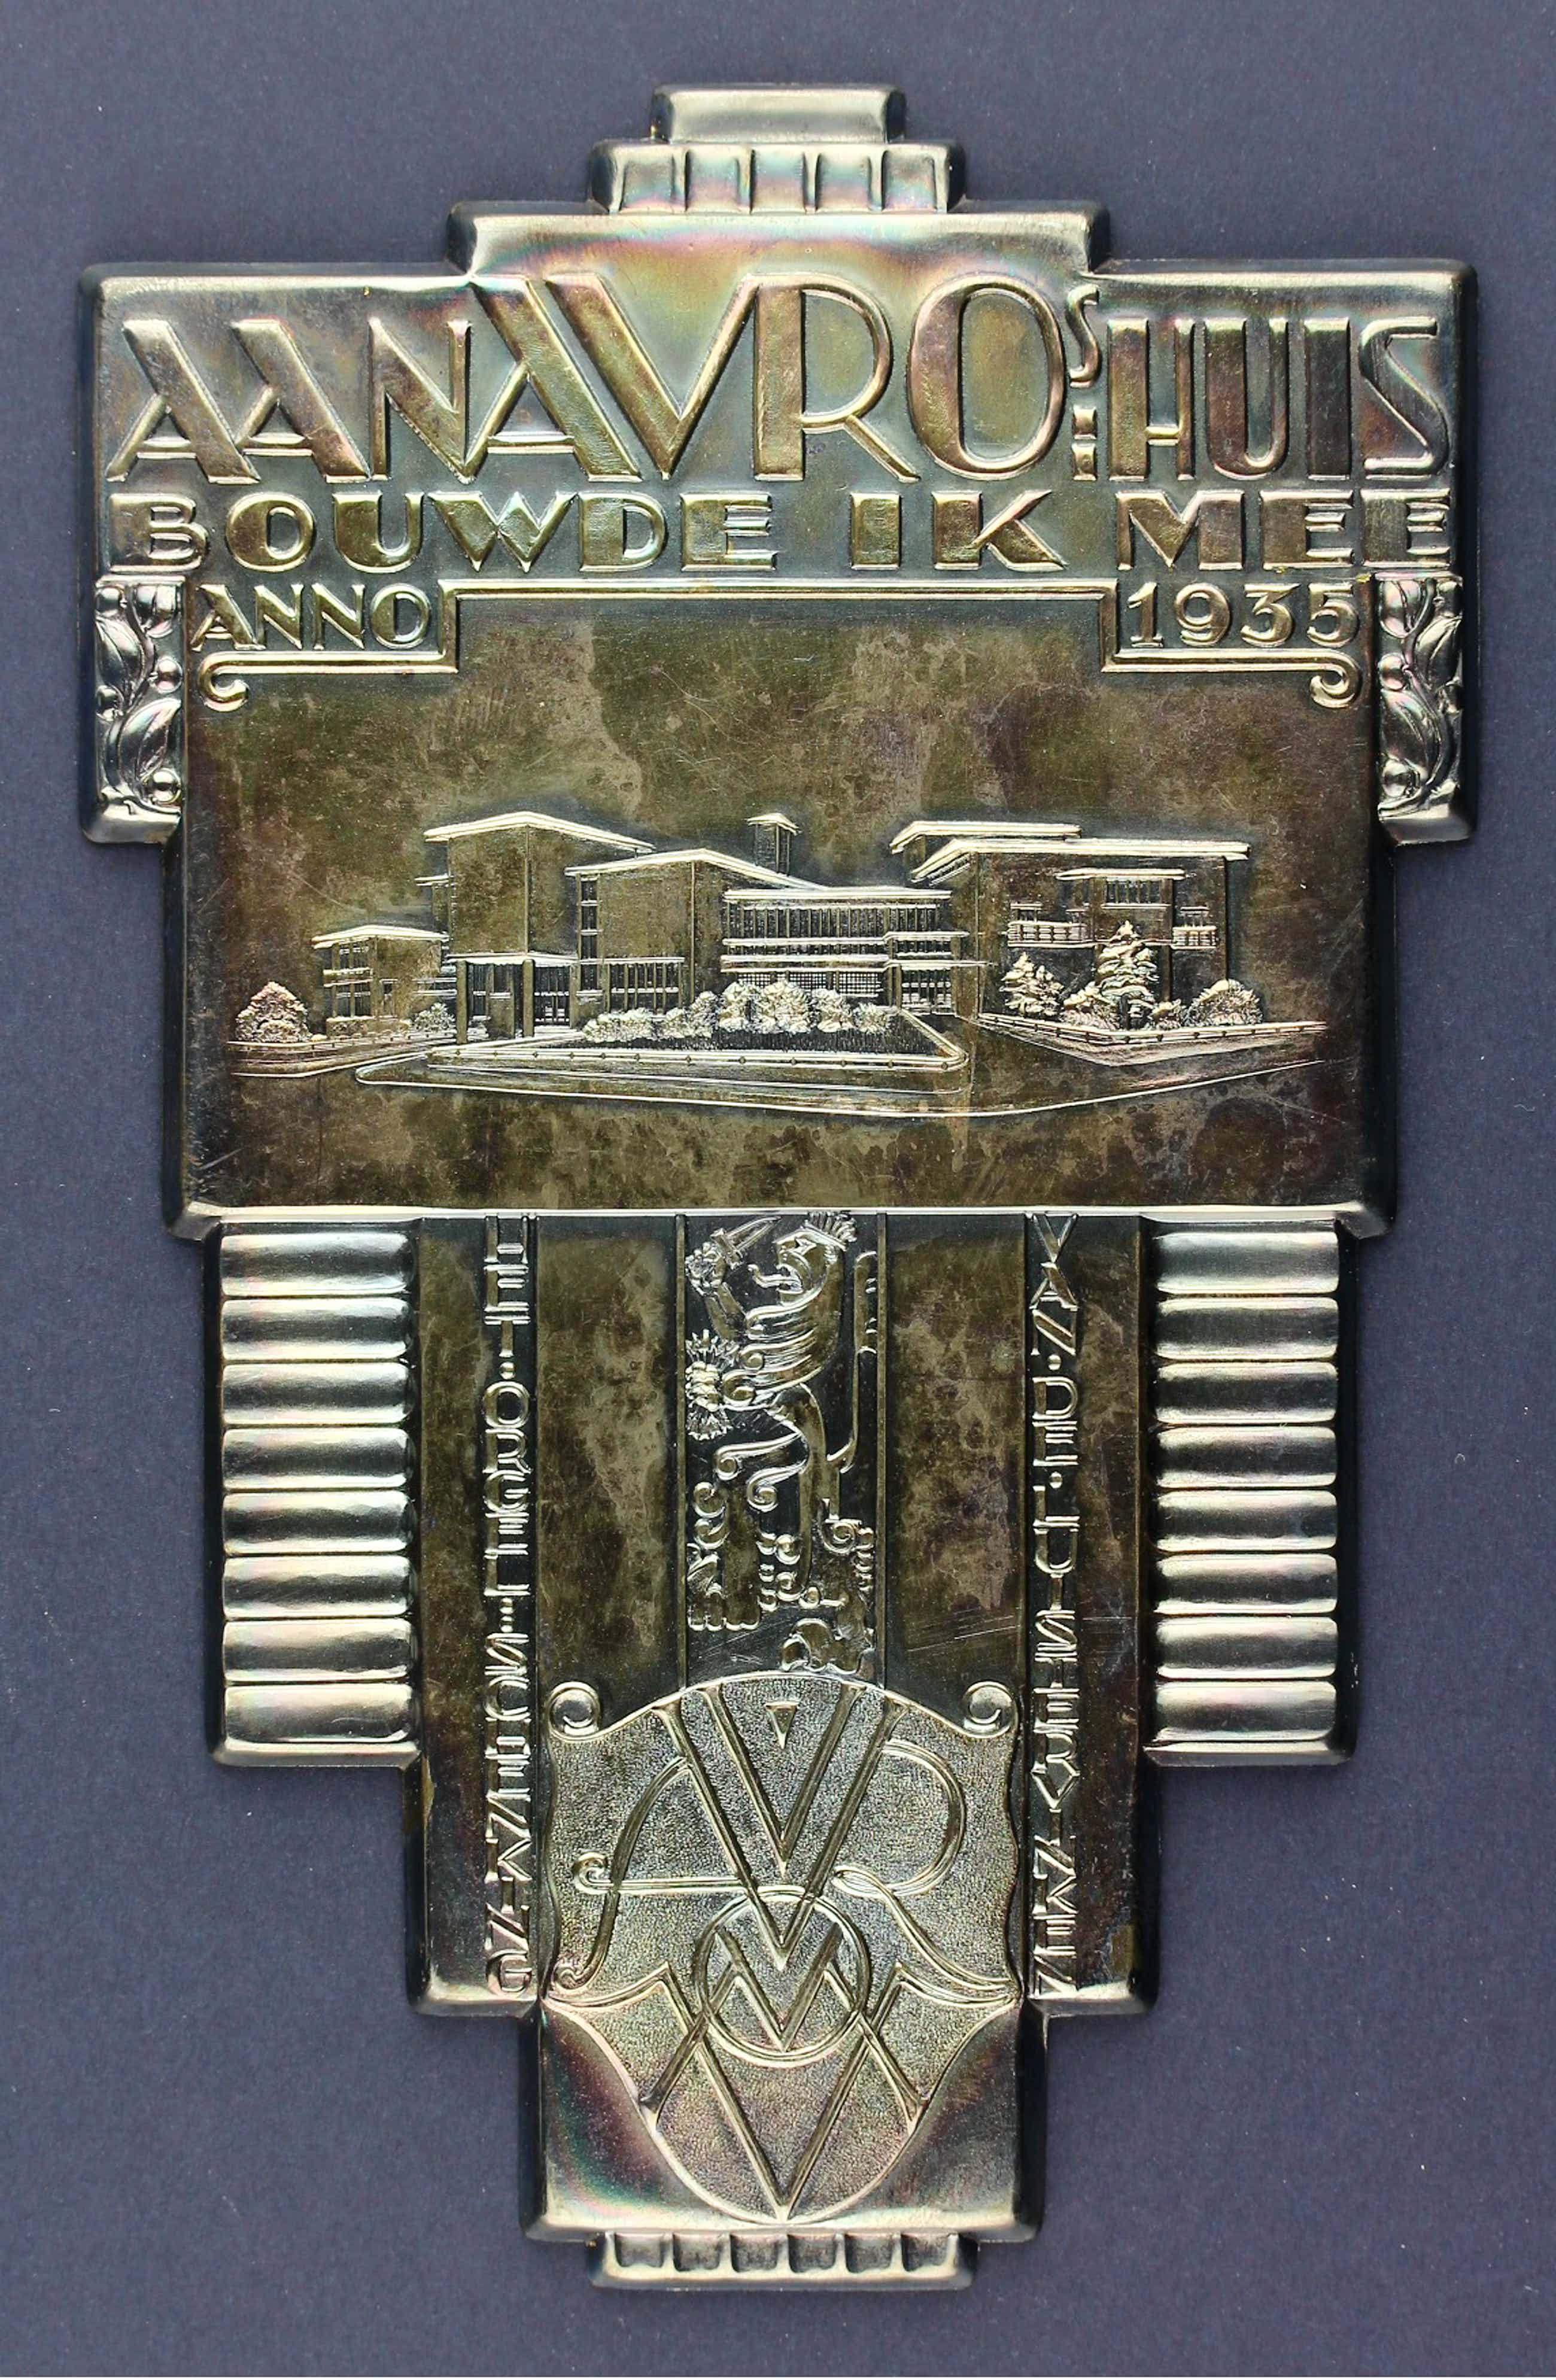 Chris van der Hoef - Gero-zilver plaquette: Aan AVRO s huis bouwde ik mee, 1935 kopen? Bied vanaf 80!